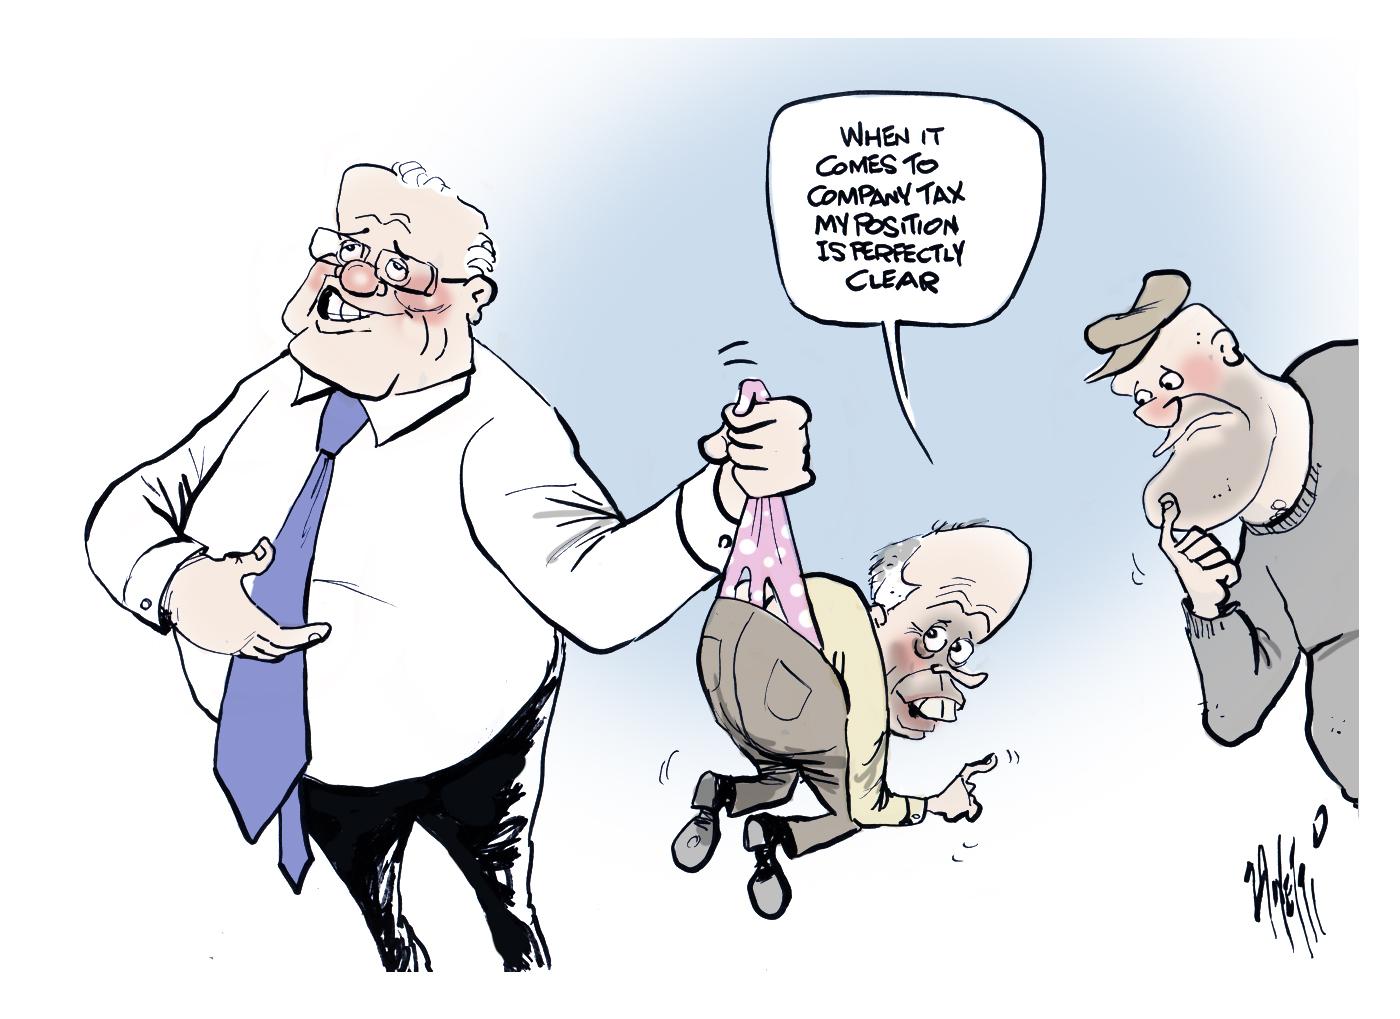 Australia Business Tax 25%